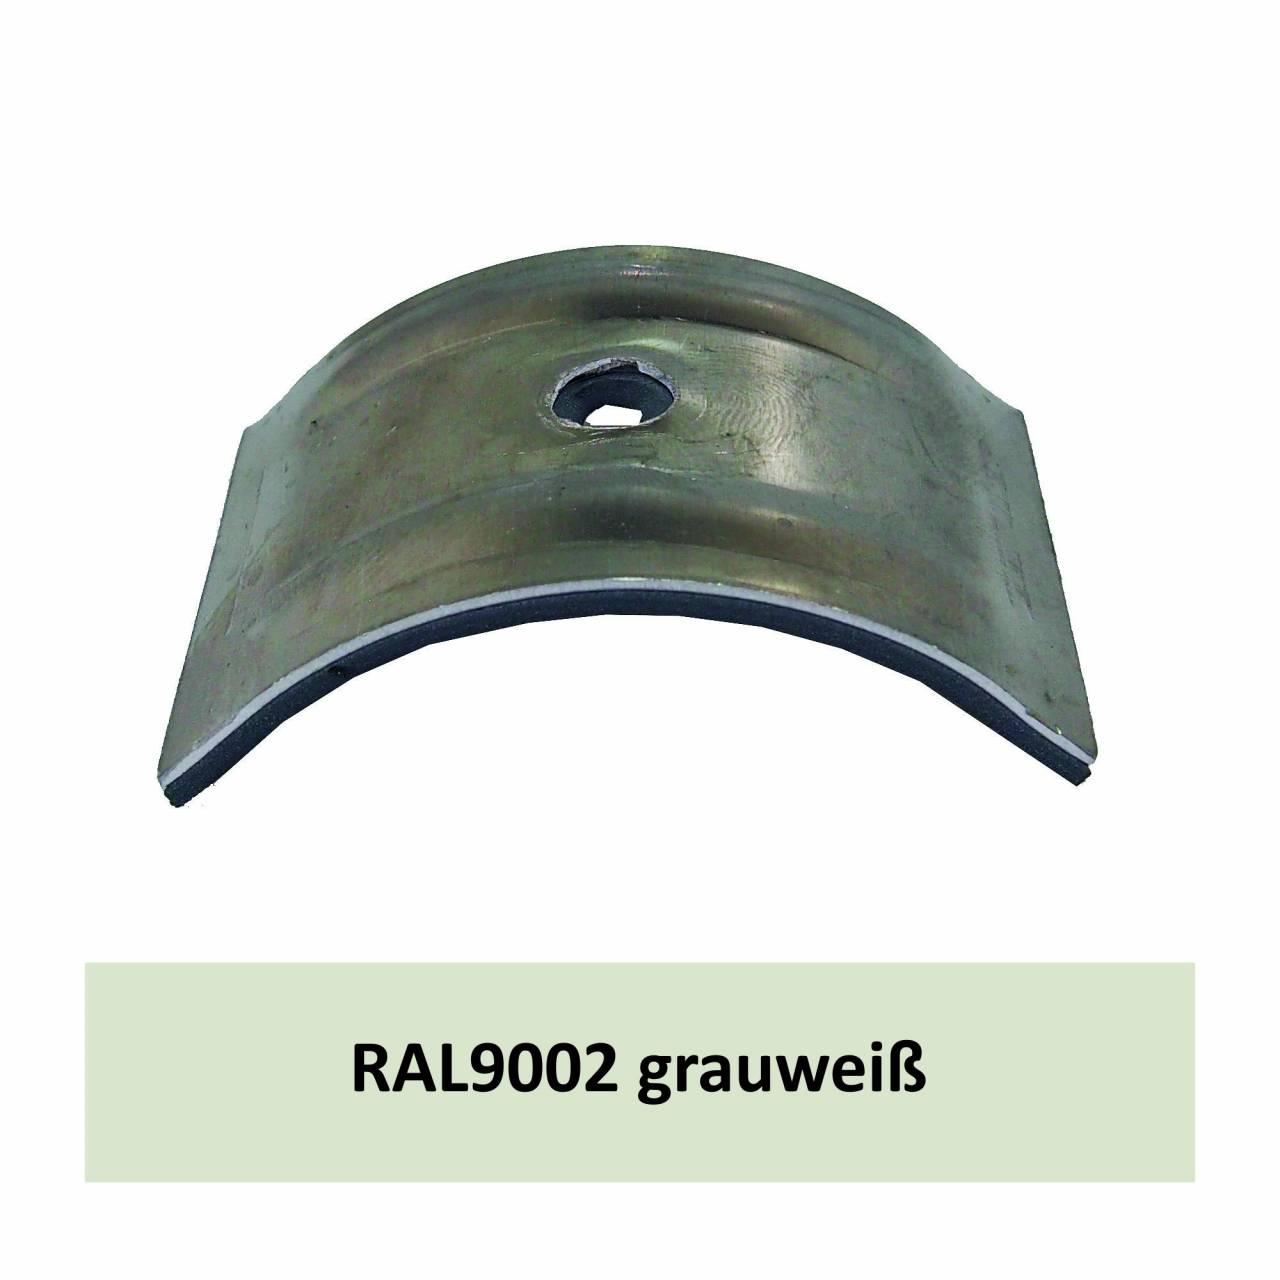 Kalotten für Welle 150/50, Alu RAL9002 grauweiß / Pck a 100 Stück